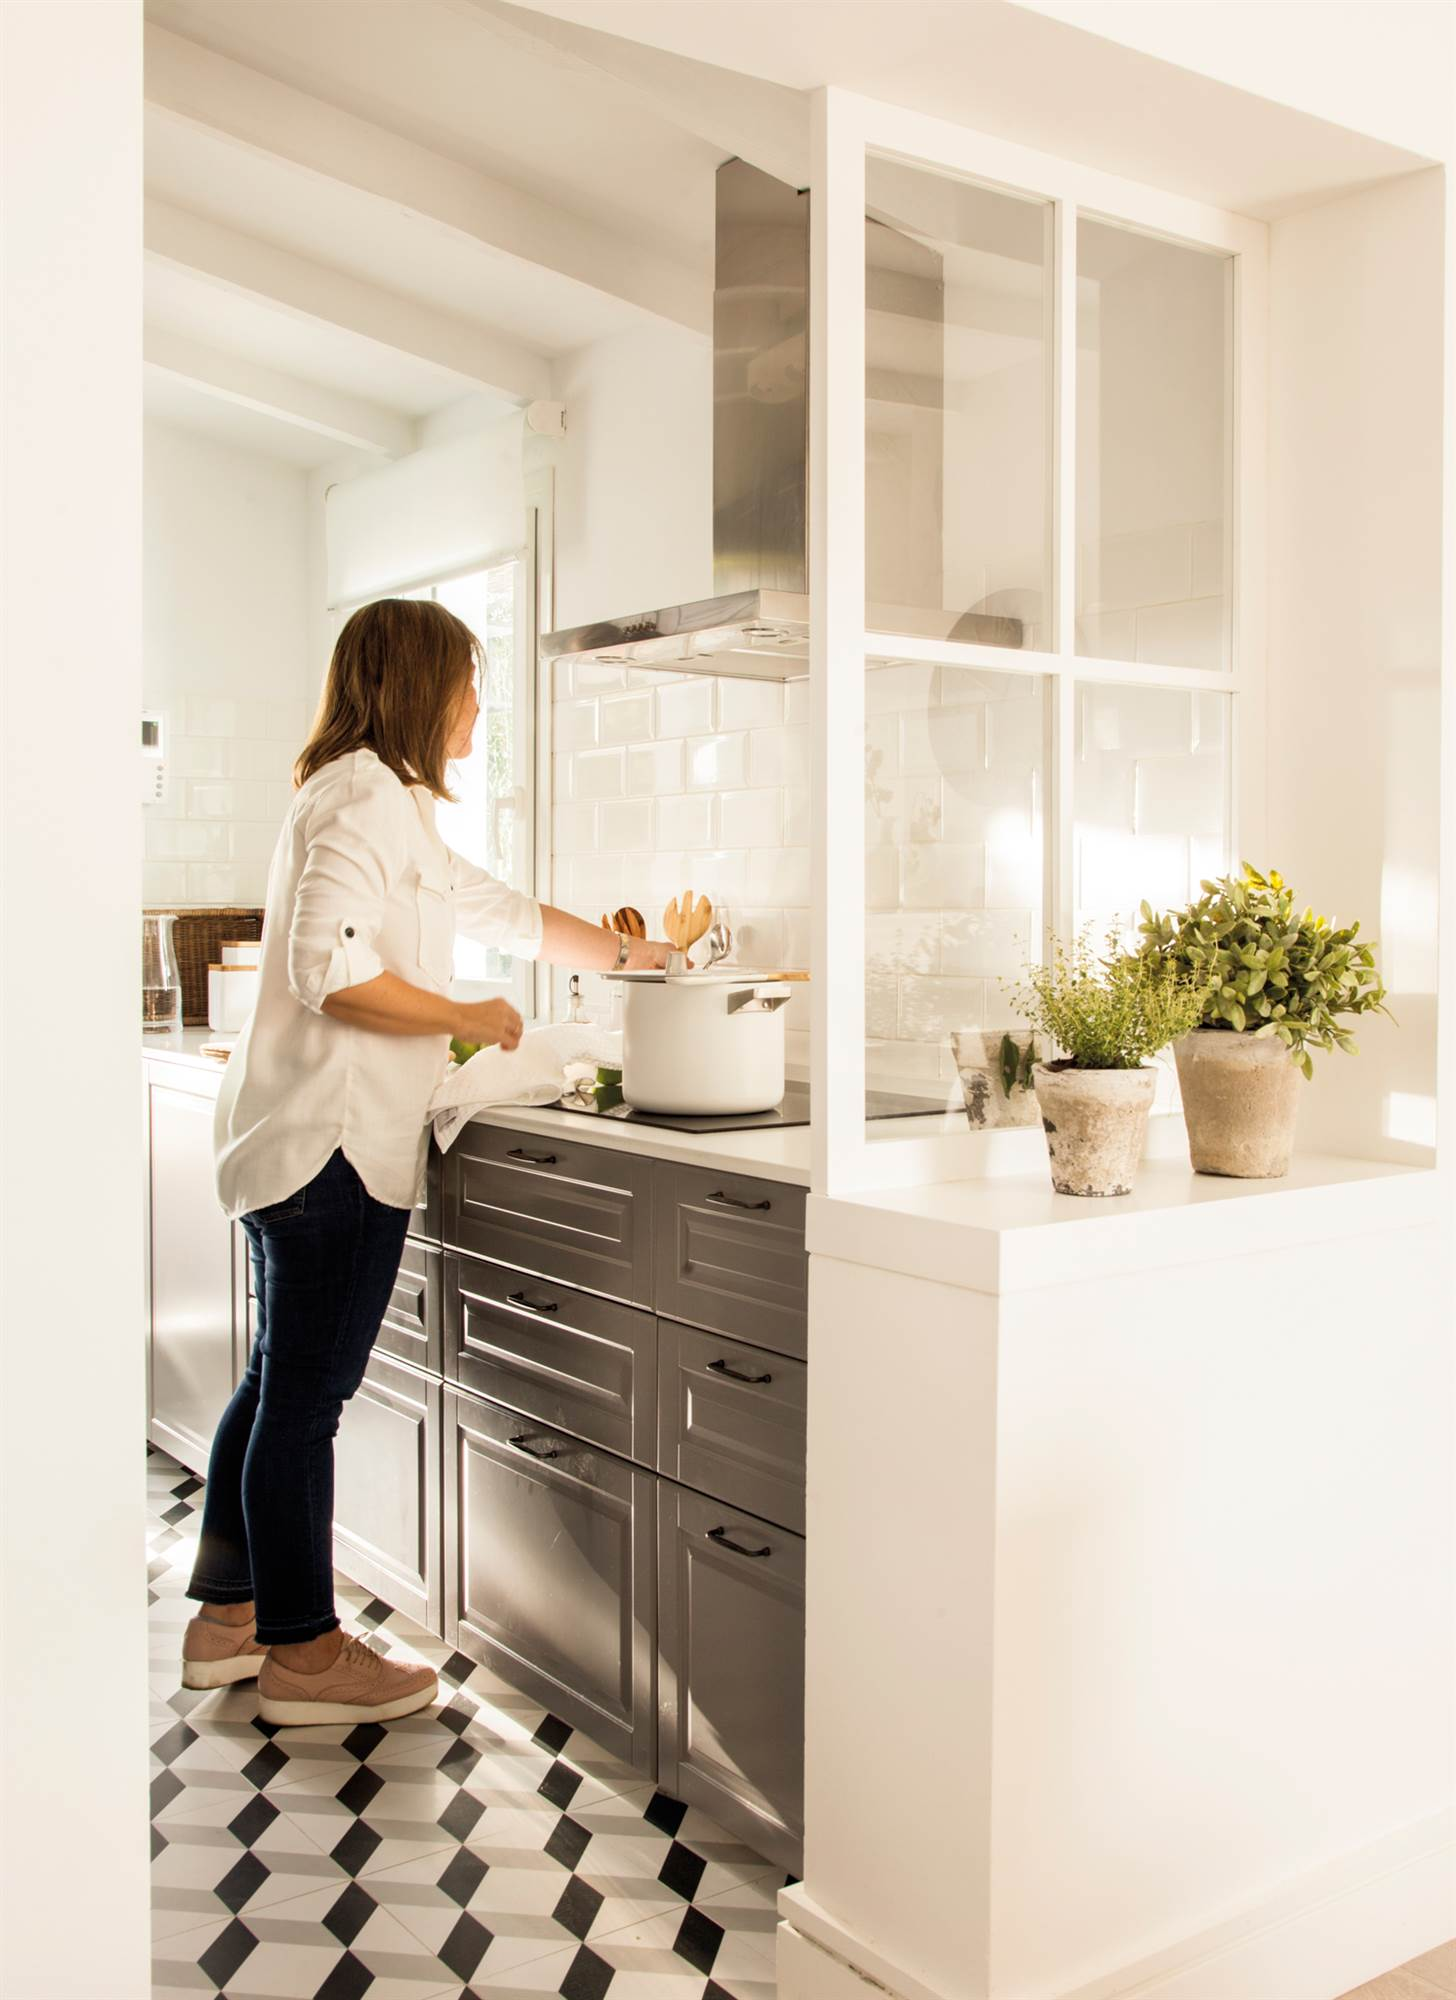 Decora en blanco y negro for Cocina con electrodomesticos de color negro